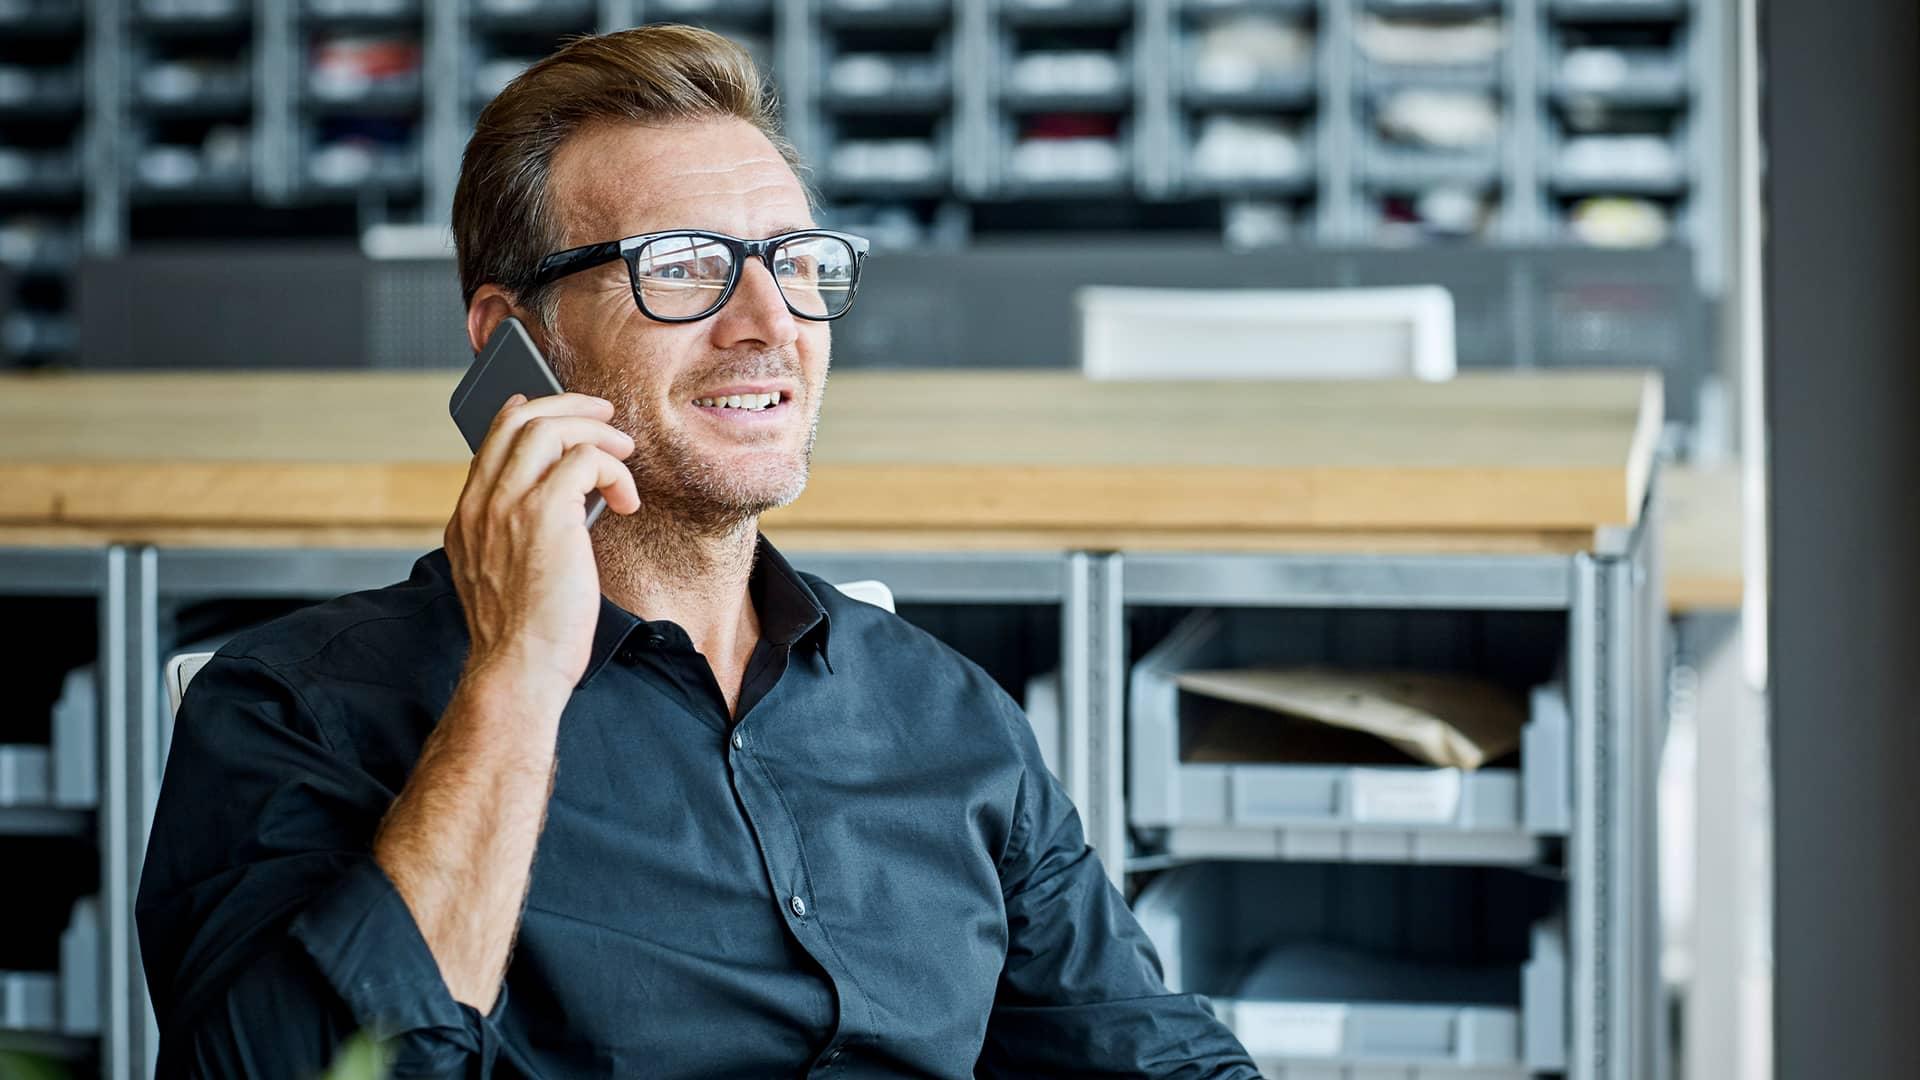 Cliente Diamante Vodafone: ventajas del programa